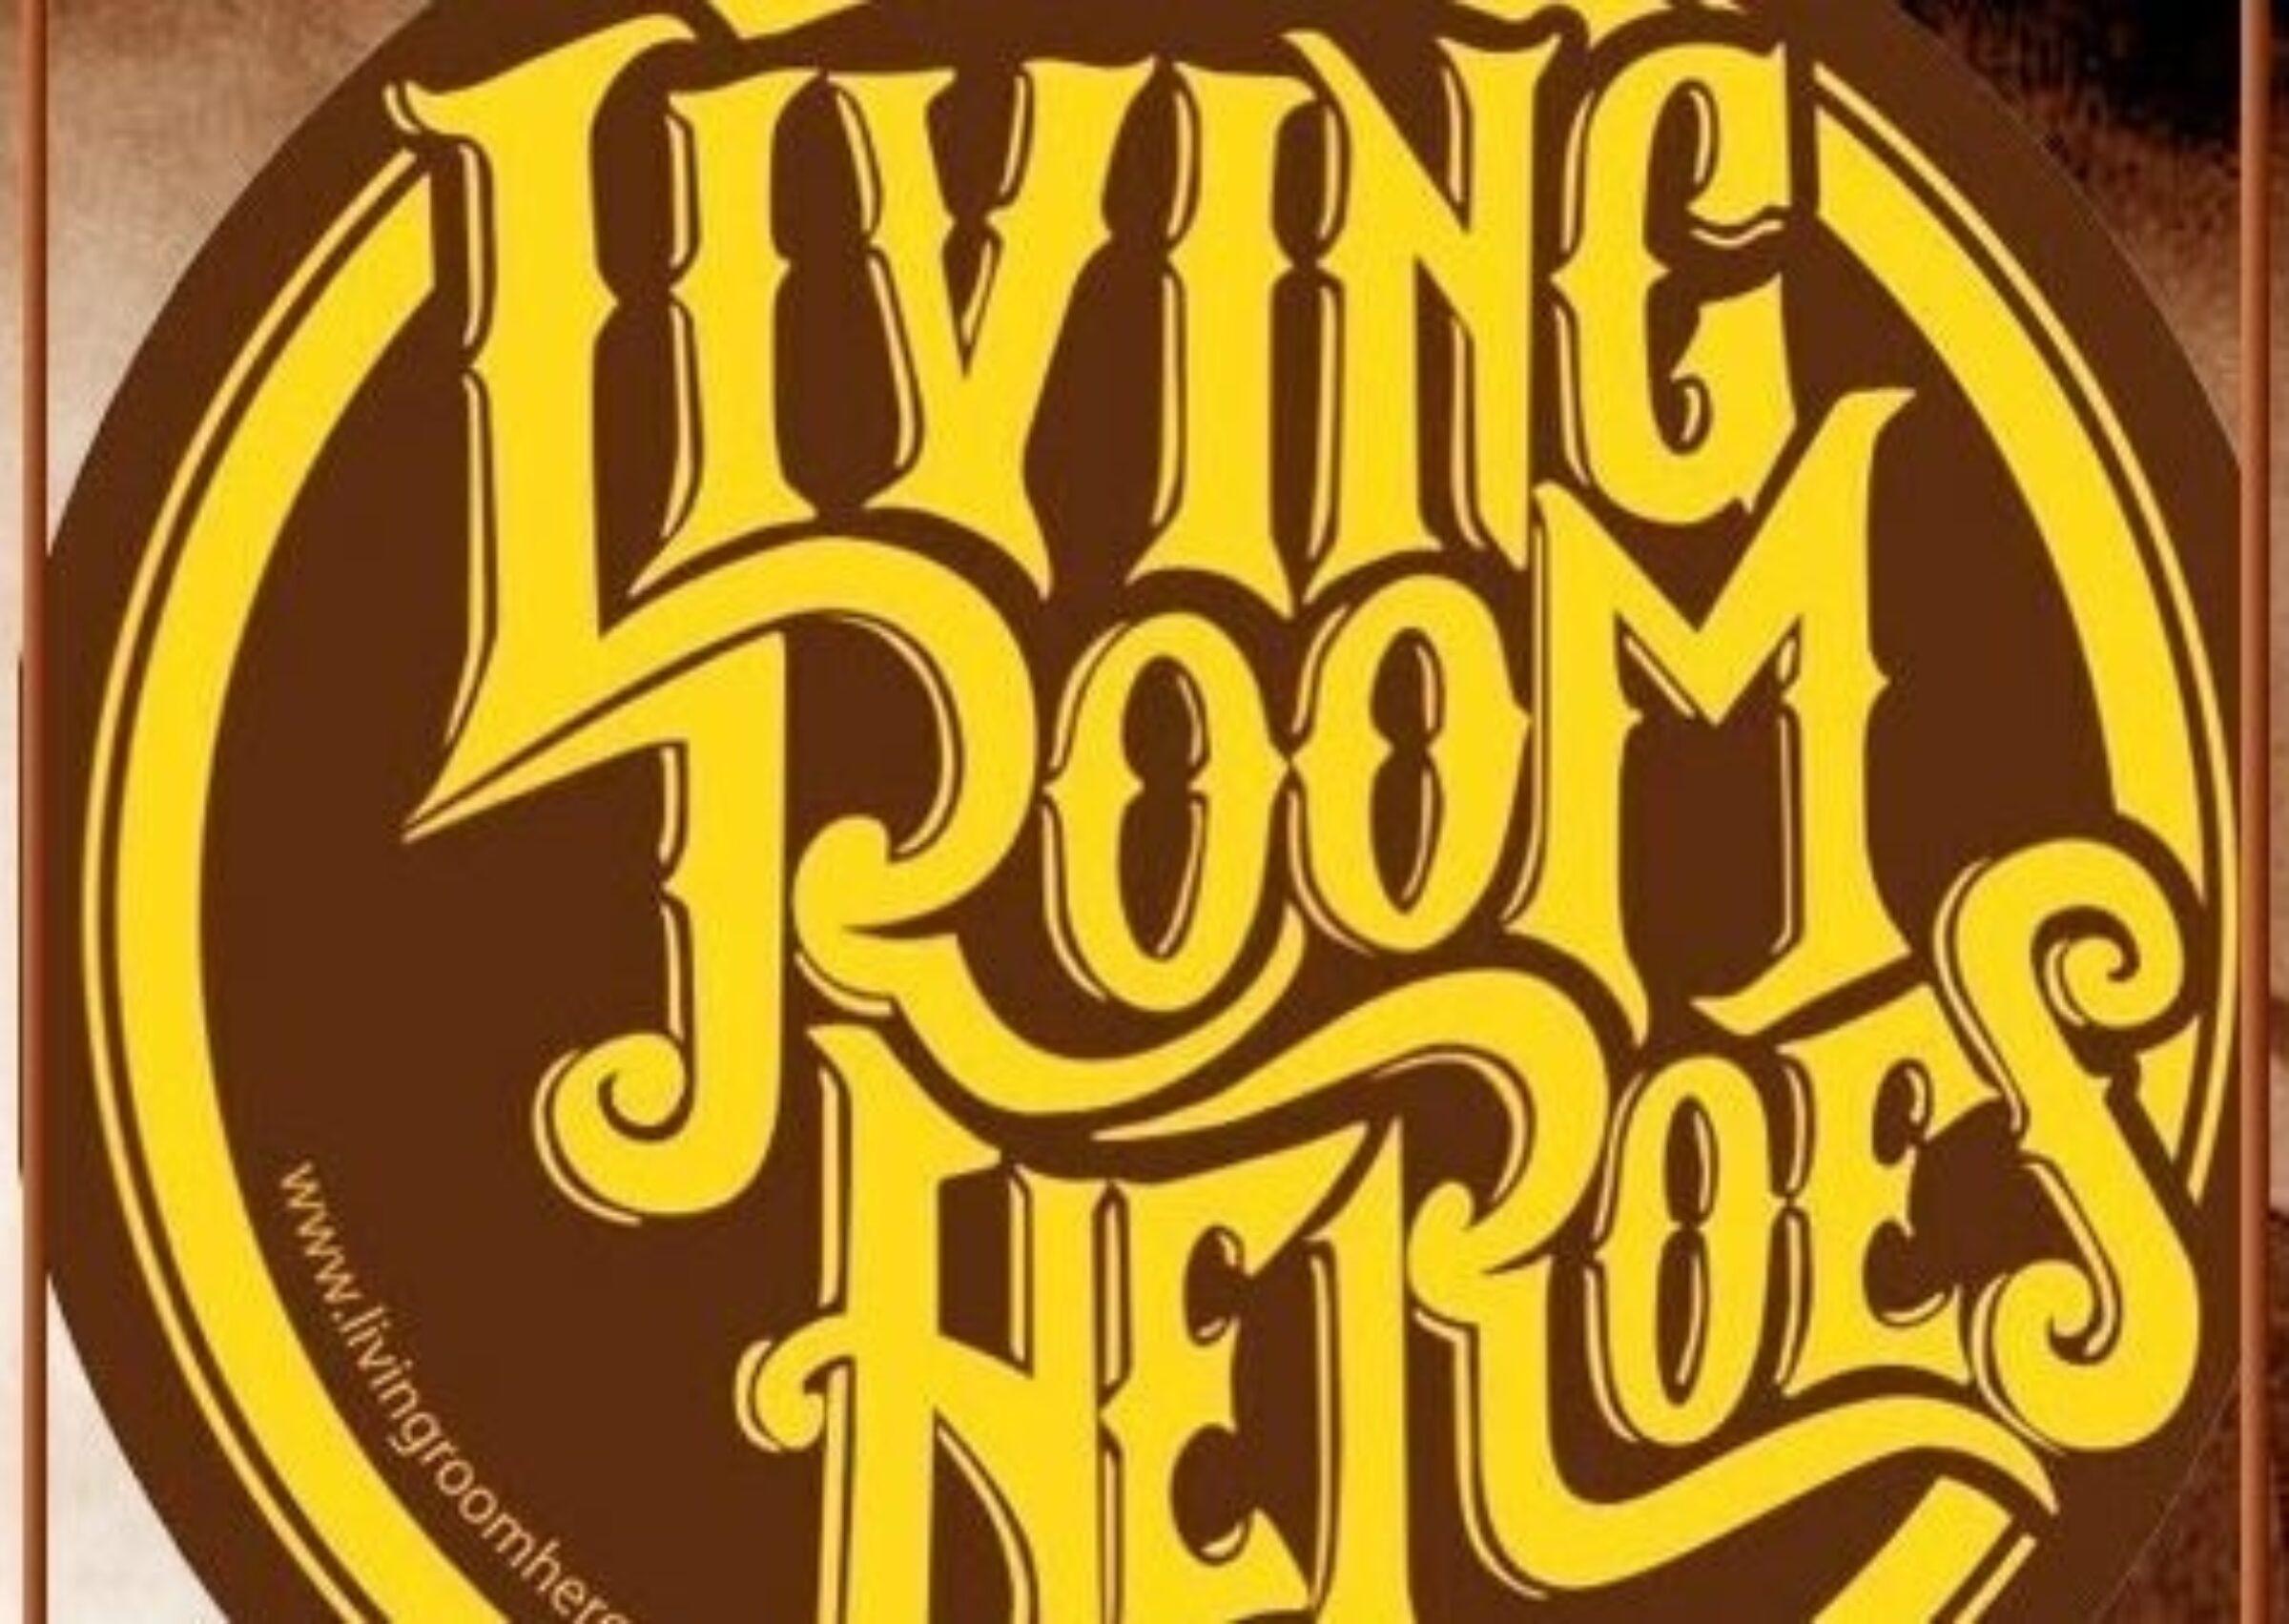 NIX Living Room Heroes